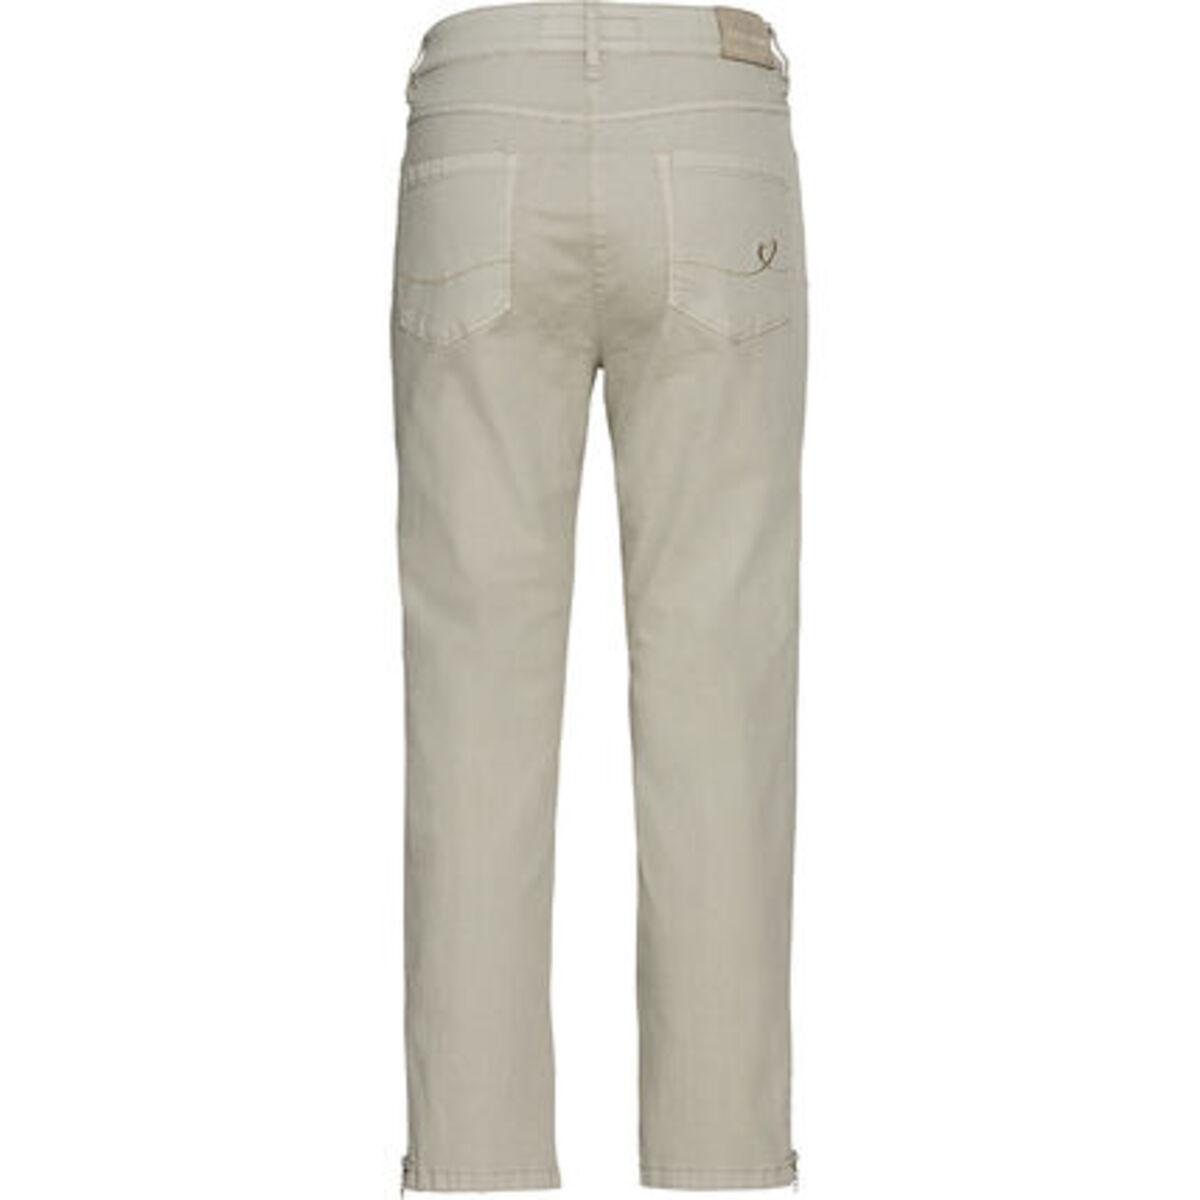 Bild 2 von Zerres Jeans, 7/8 Länge, Zipp, uni, für Damen